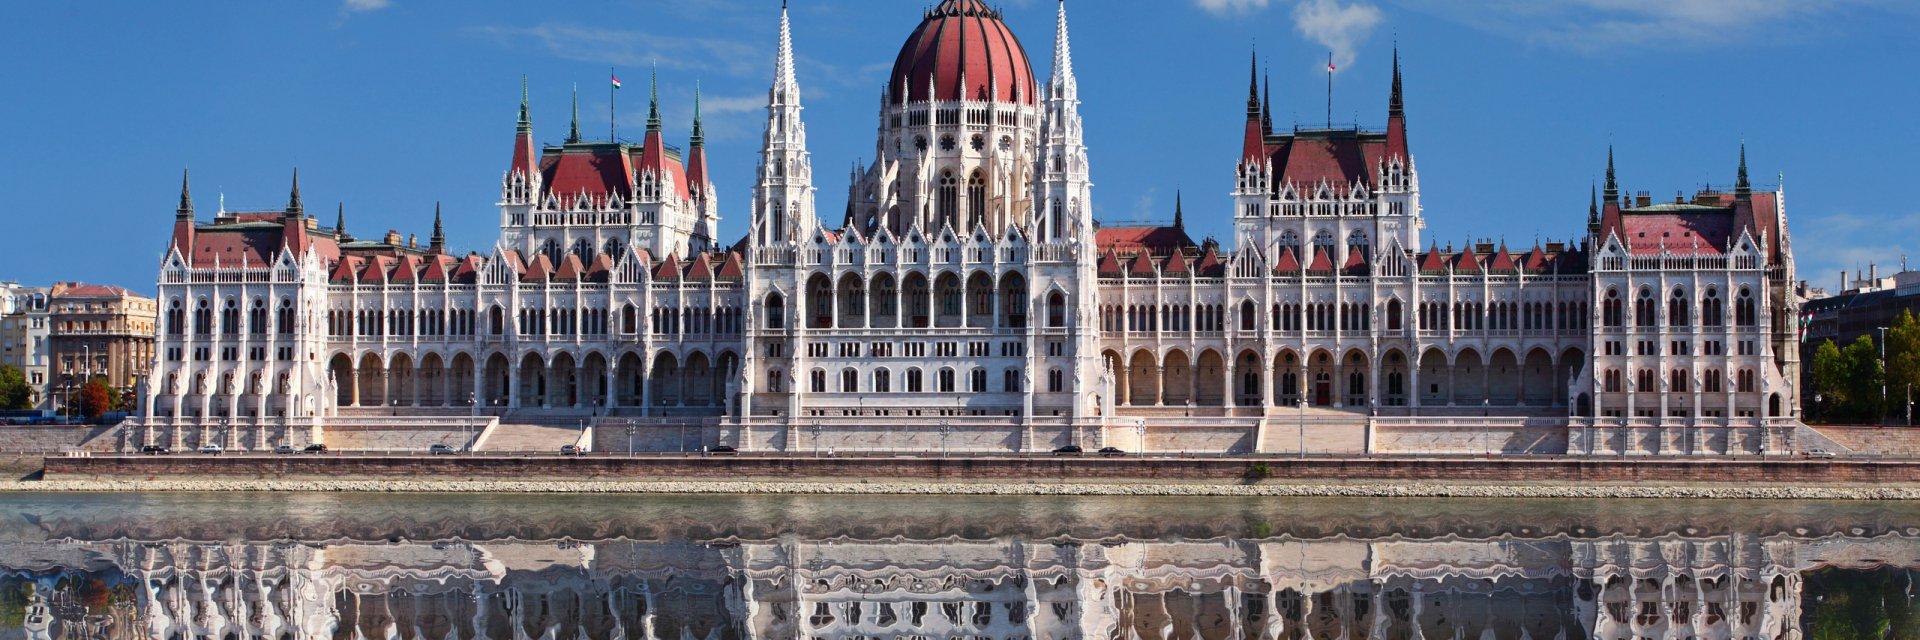 Туры в Венгрию 2019, путевки из Москвы - цены на отдых в Венгрии - ПАКС